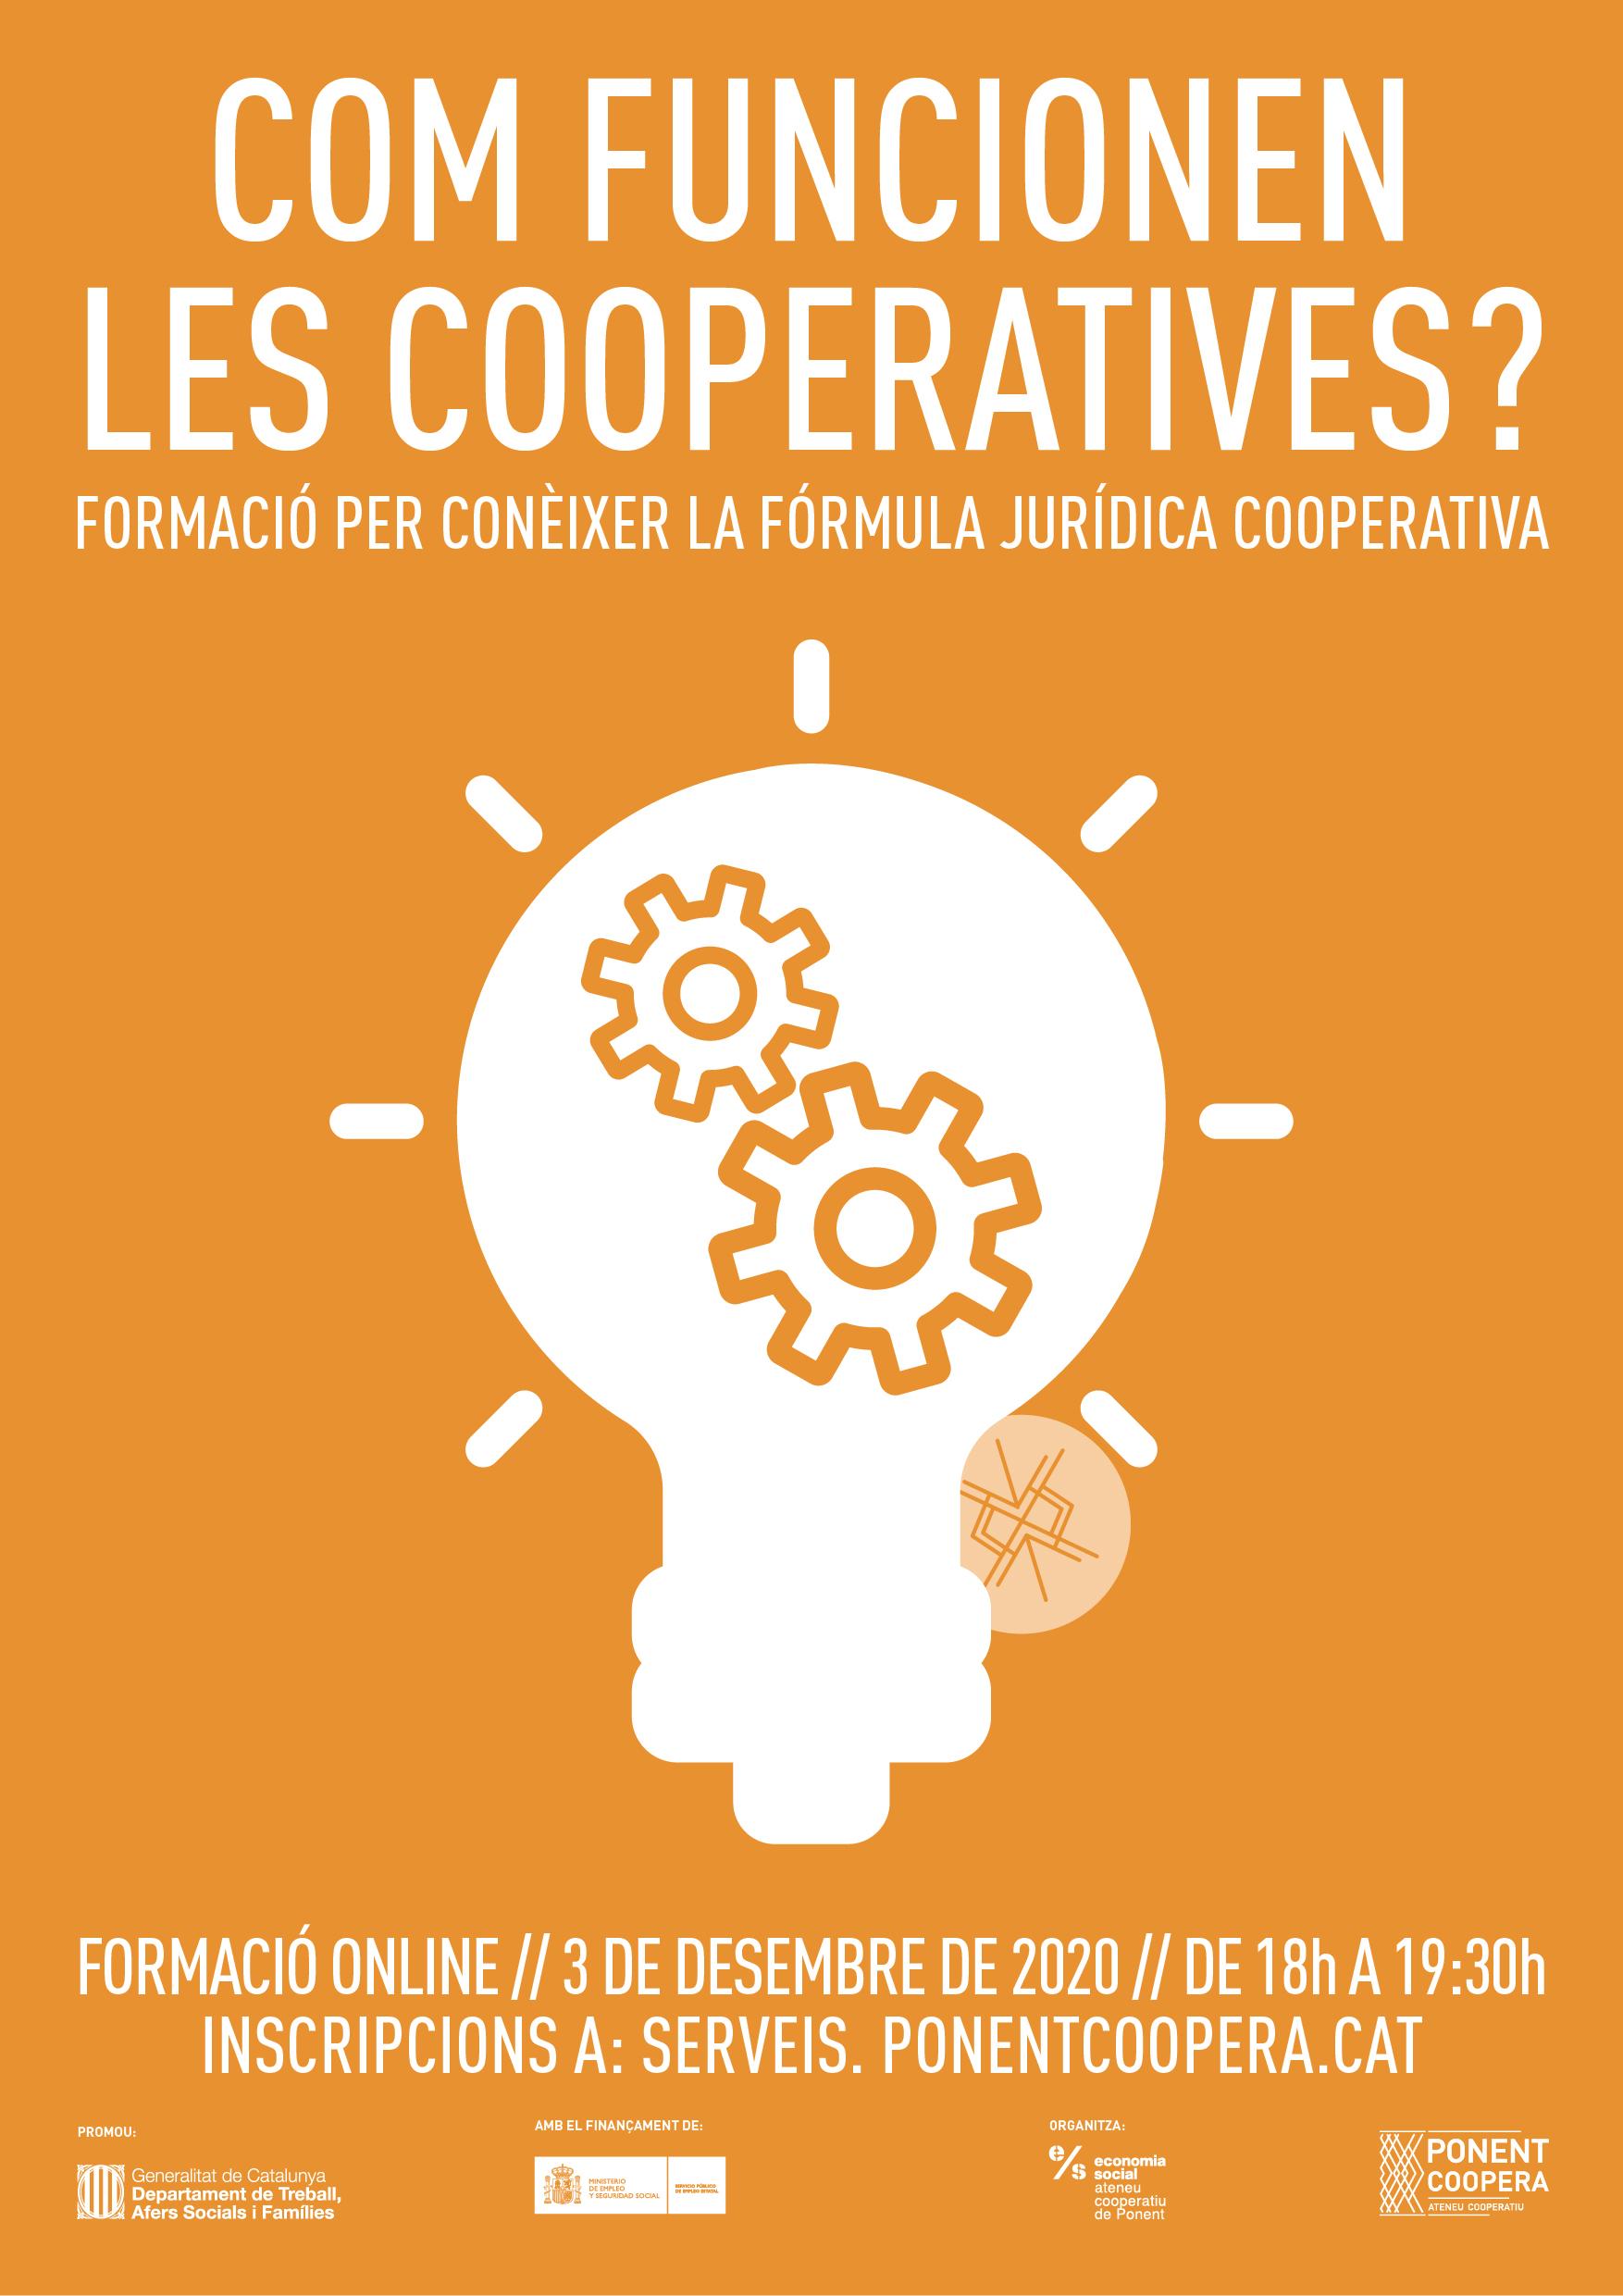 Formació per conèixer la fórmula jurídica cooperativa pel teu projecte empresarial